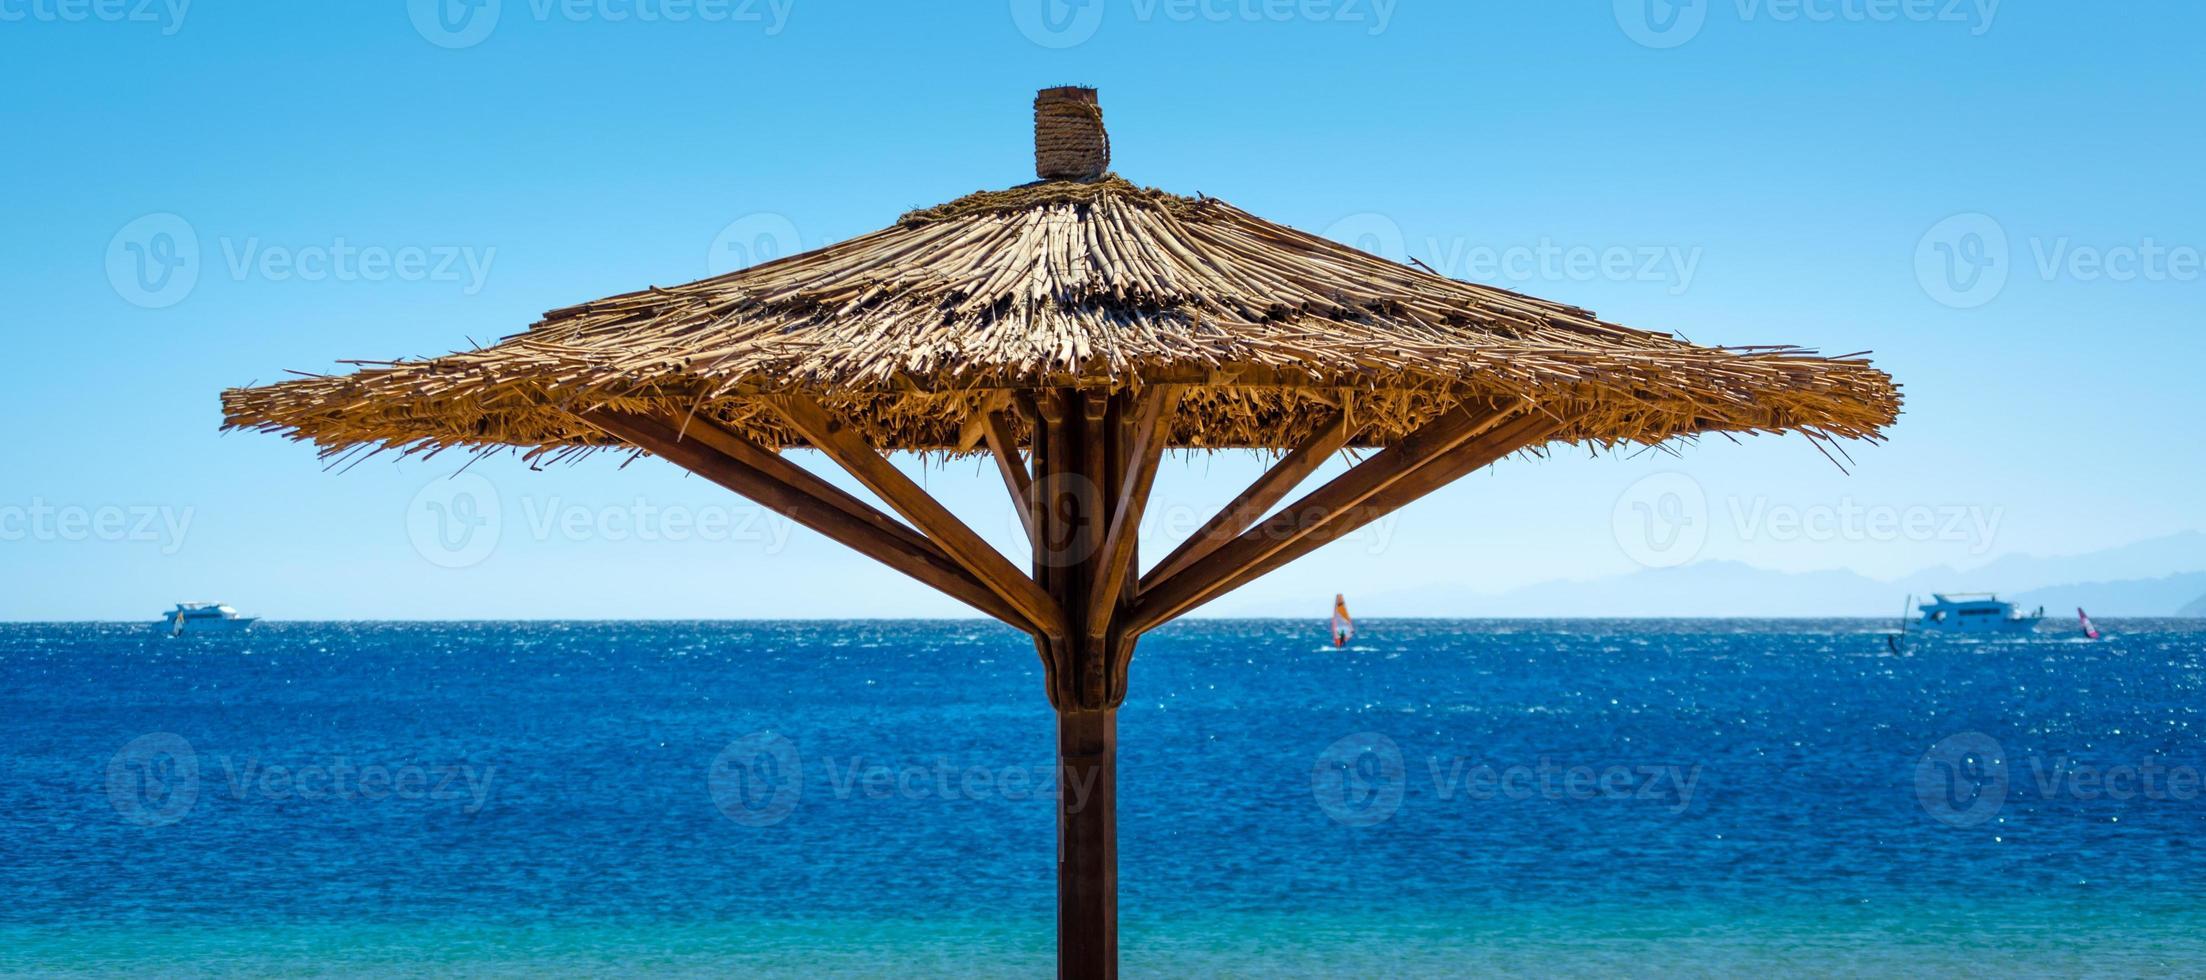 Schilf-Sonnenschirm gegen das blaue Meer in Ägypten foto